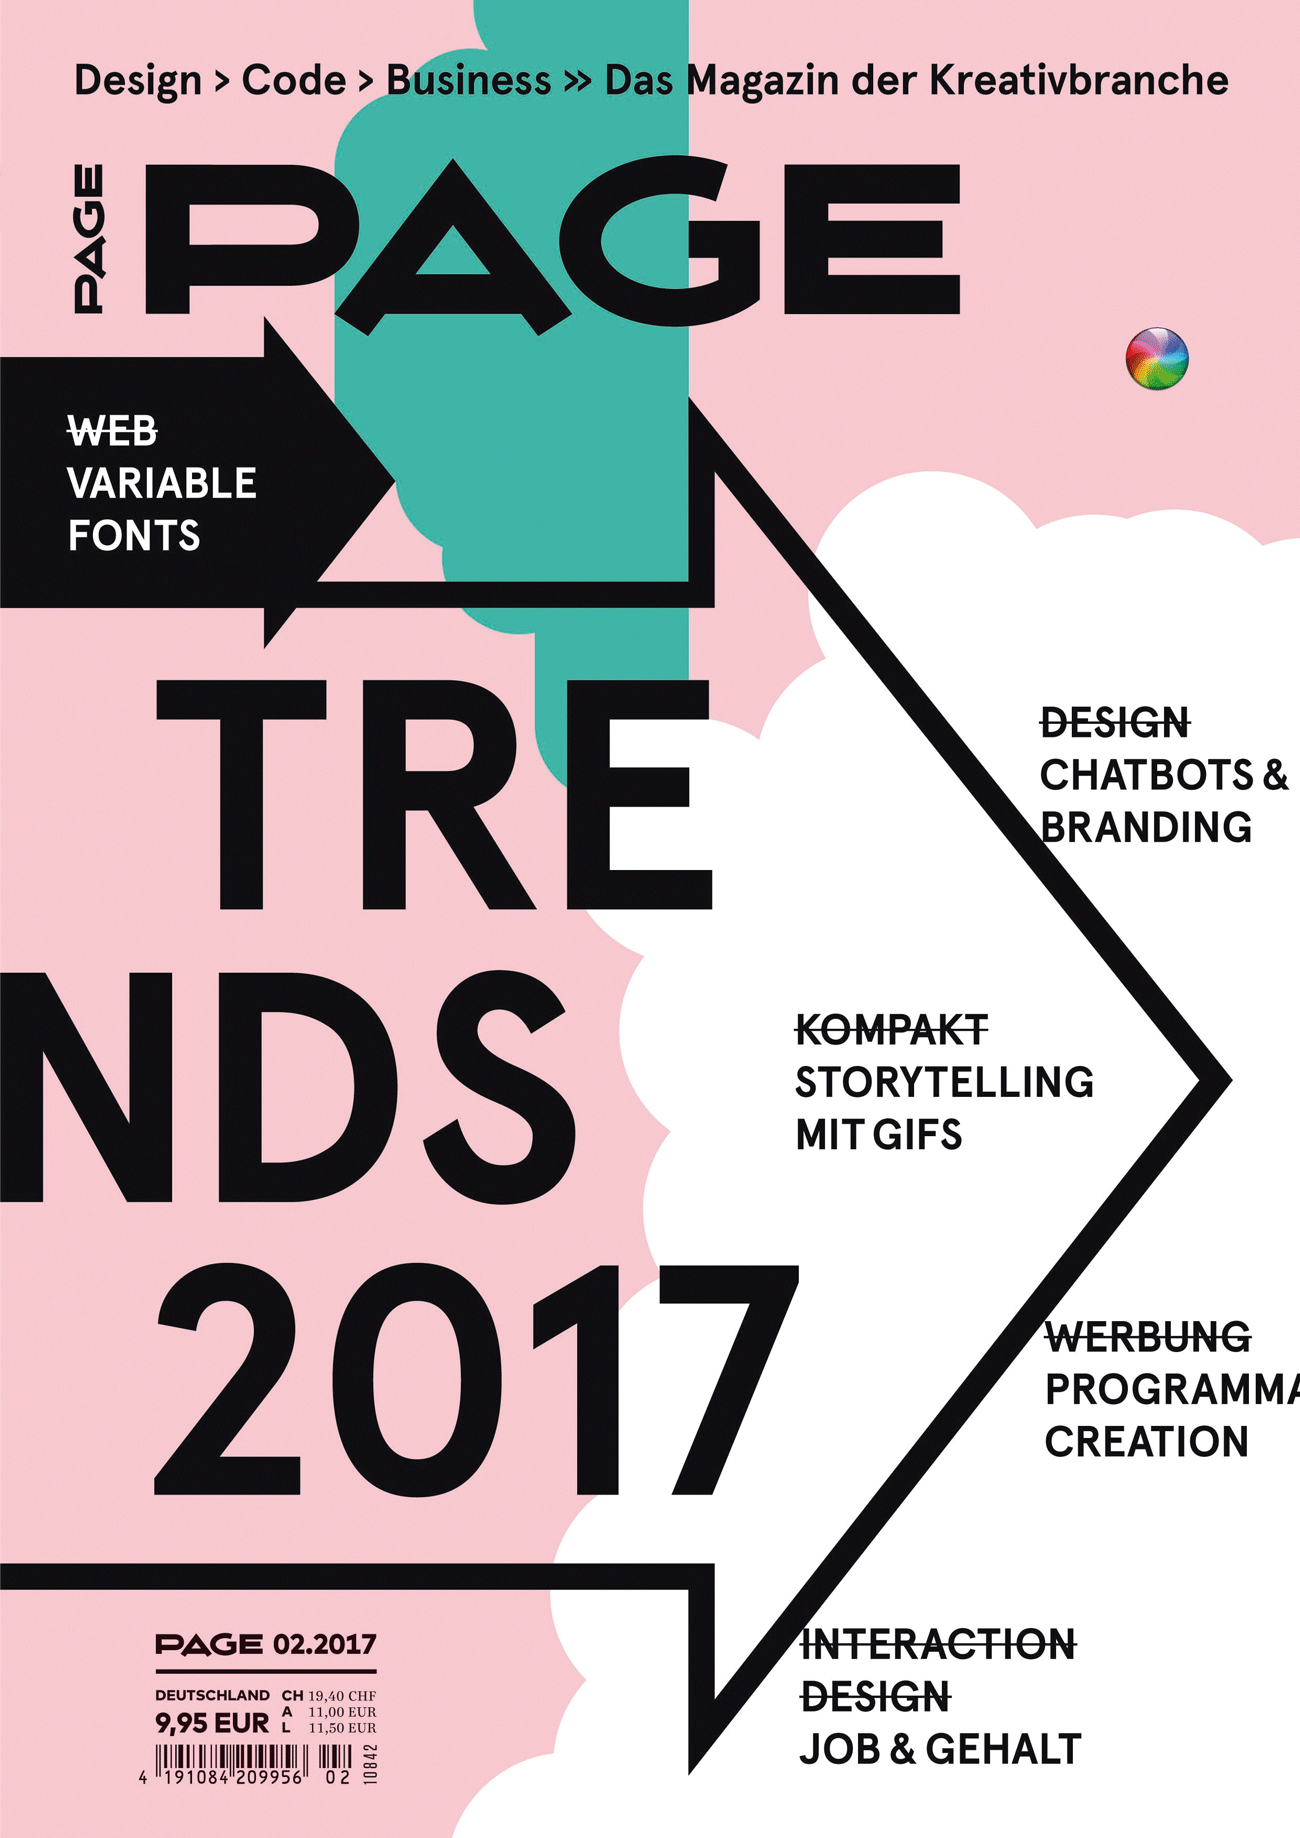 Bildersuche, Kommunikationsdesign, Typografie, Werbekampagne, GIF-Animation erstellen, Werbeagentur, Web-Fonts